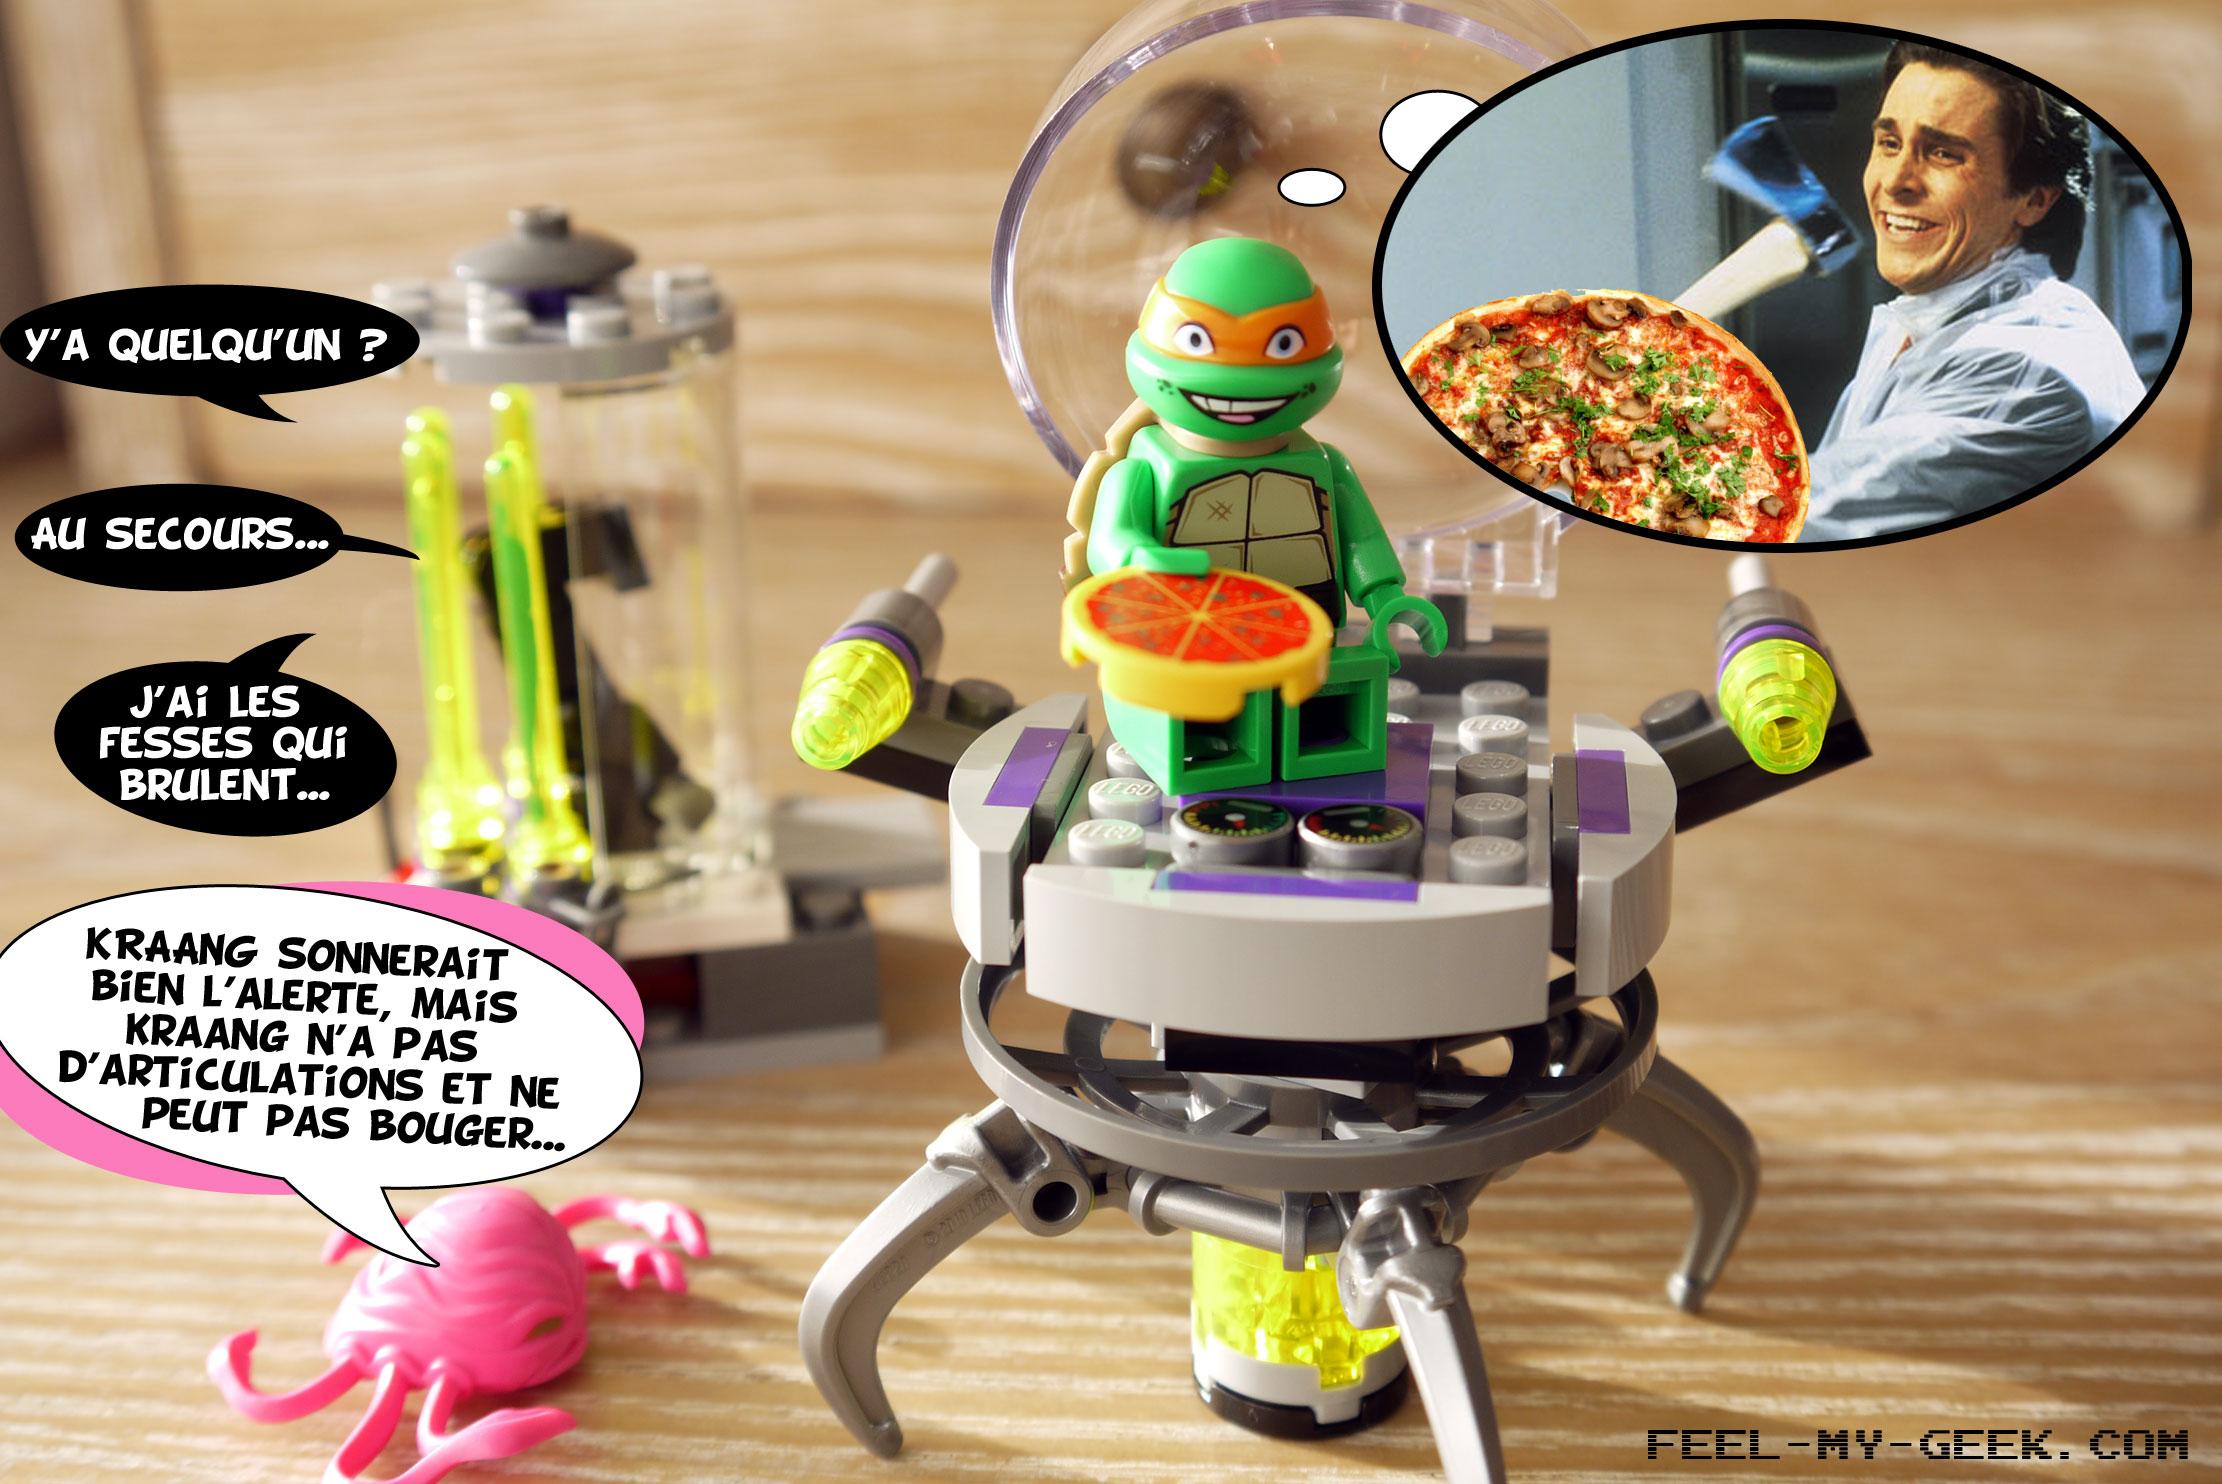 Mikey découvre alors une Pizza dans le vaisseau d'un Kraang et la goûte. Ce qu'il ne sait pas, c'est que c'est un prototype de pizza aux anchois de l'espace, réputée pour rendre fou même les plus sains d'esprit. C'est d'ailleurs arrivé il y a quelques mois à Bruce Wayne, qui a sauvagement assassiné Alfred à la hache, avant de se défenestrer du rez de chaussée. Mais le temps que Mikey se souvienne de cette anecdote sordide, il est déjà trop tard...